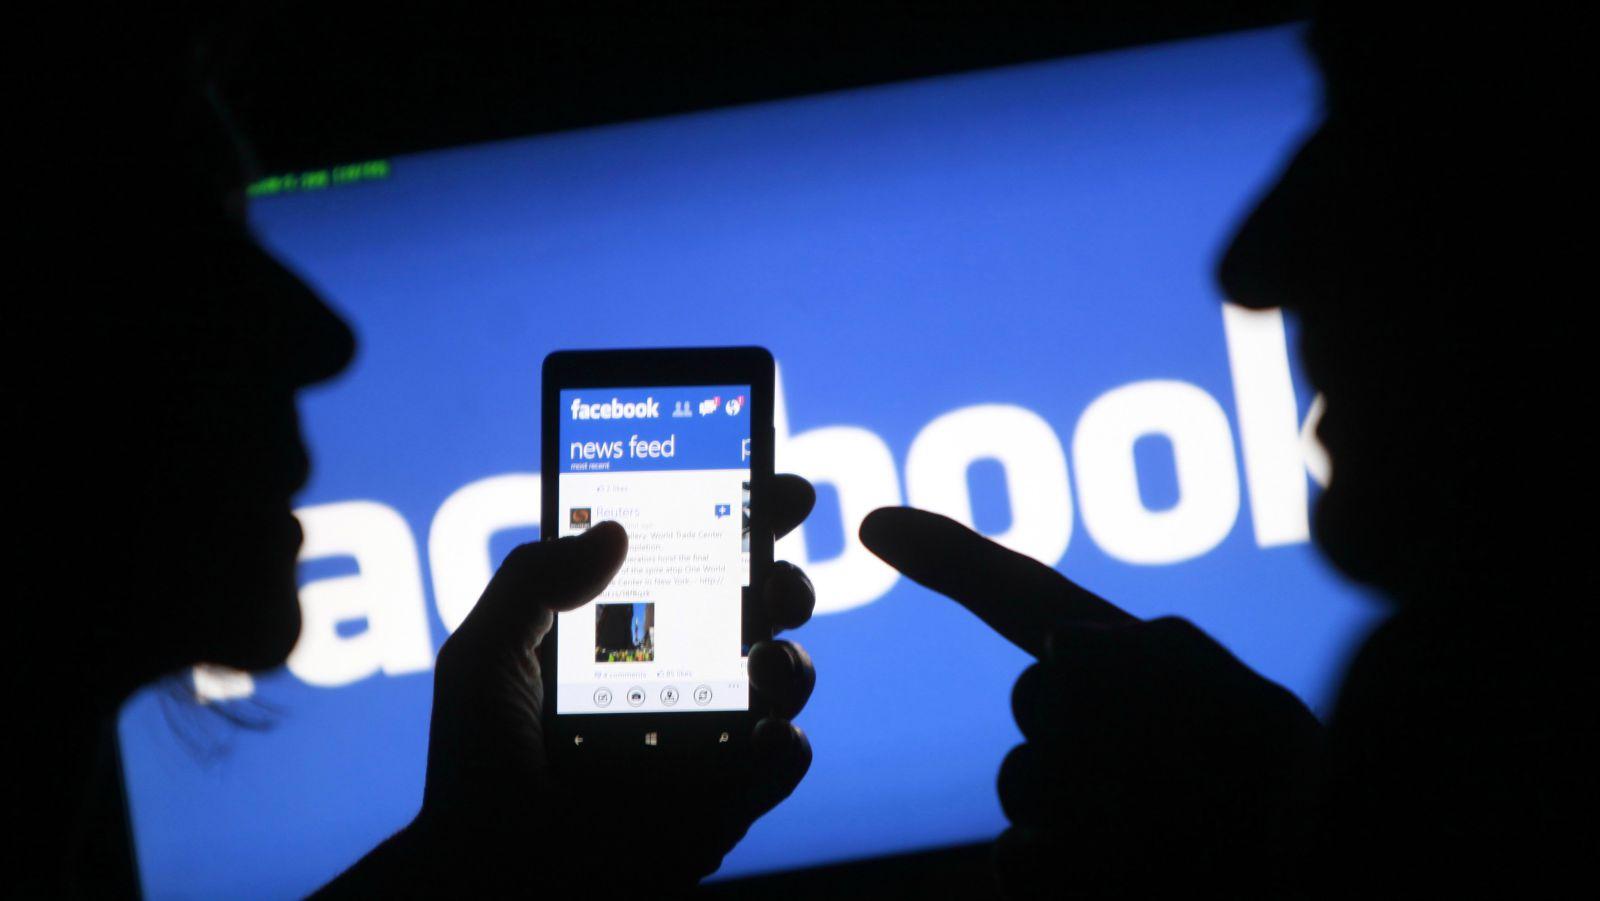 Veri skandalının ardından: Facebook'tan yeni 'gizlilik' düzenlemesi yolda